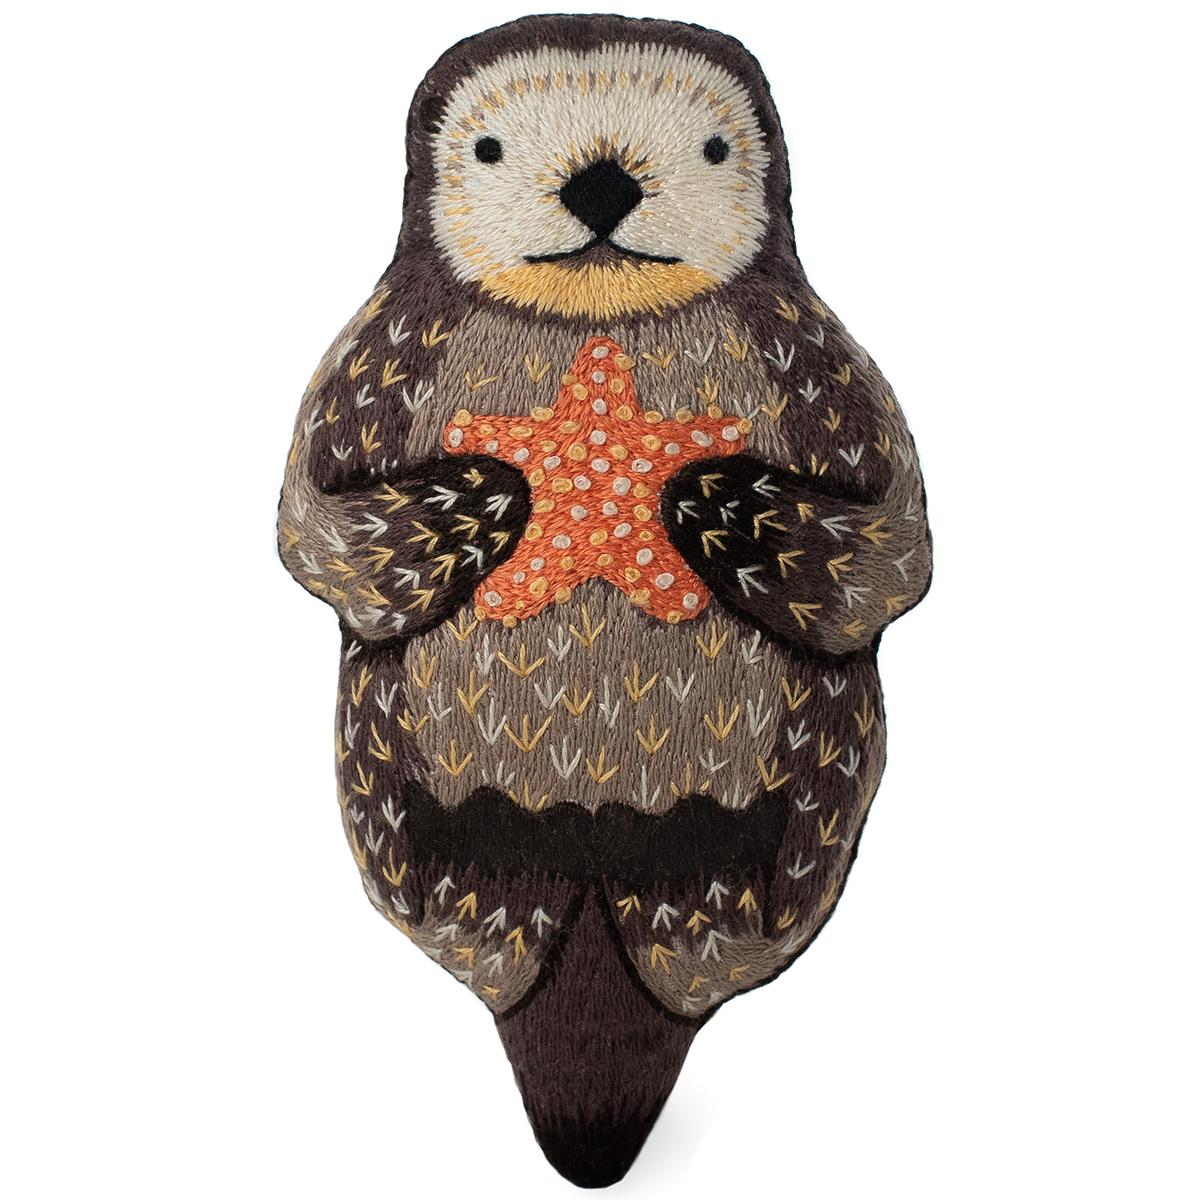 Otter doll kit